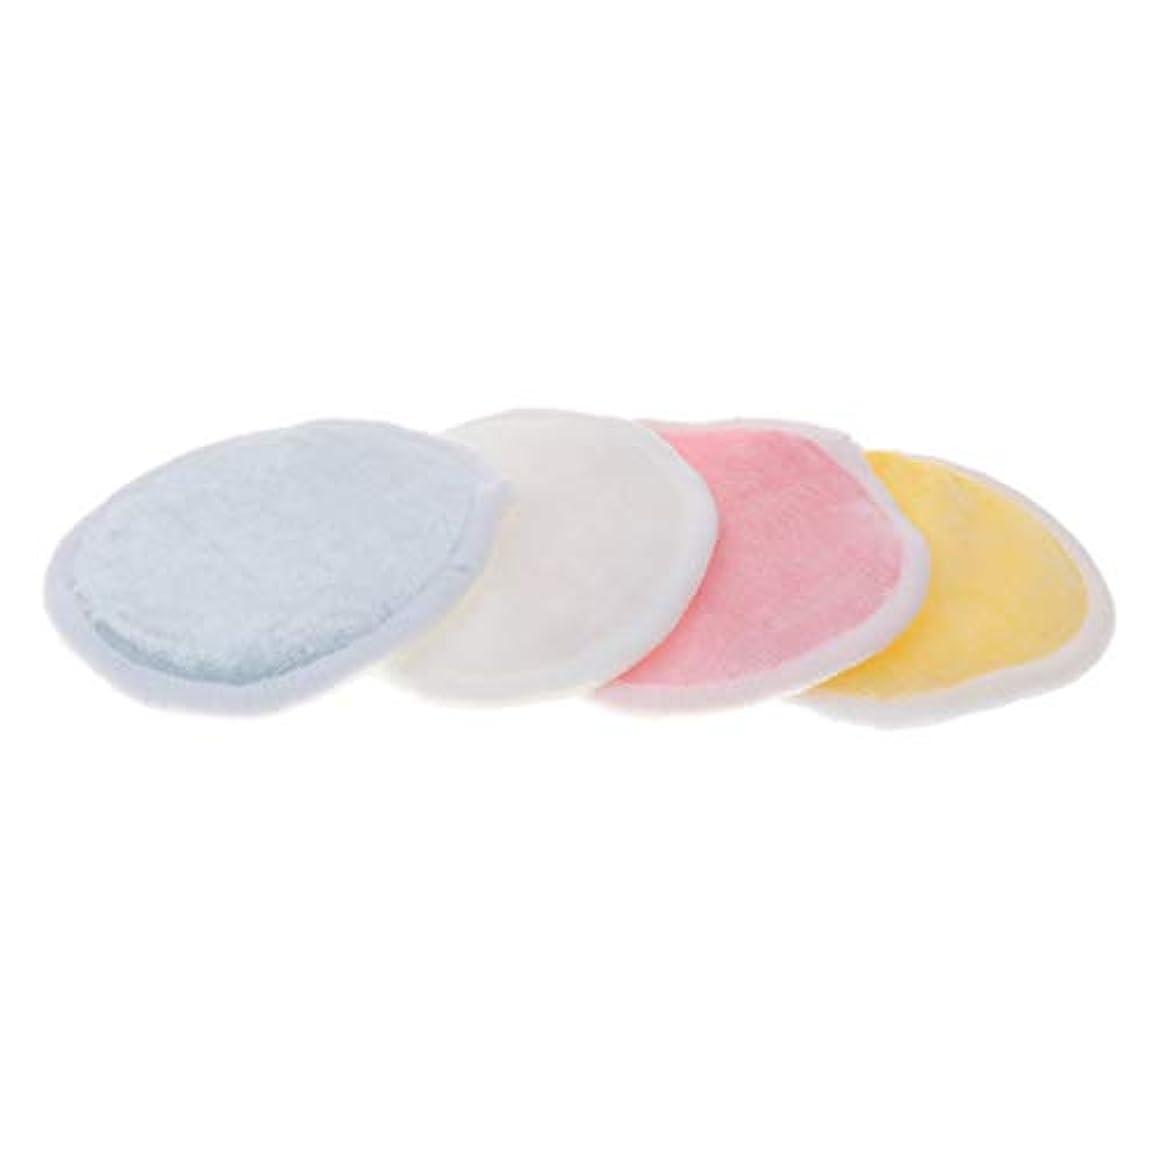 忌避剤省略する株式CUTICATE 全2サイズ メイク落としコットン クレンジングシート 化粧水パッド 再使用可 バッグ付 化粧用 4個入 - L